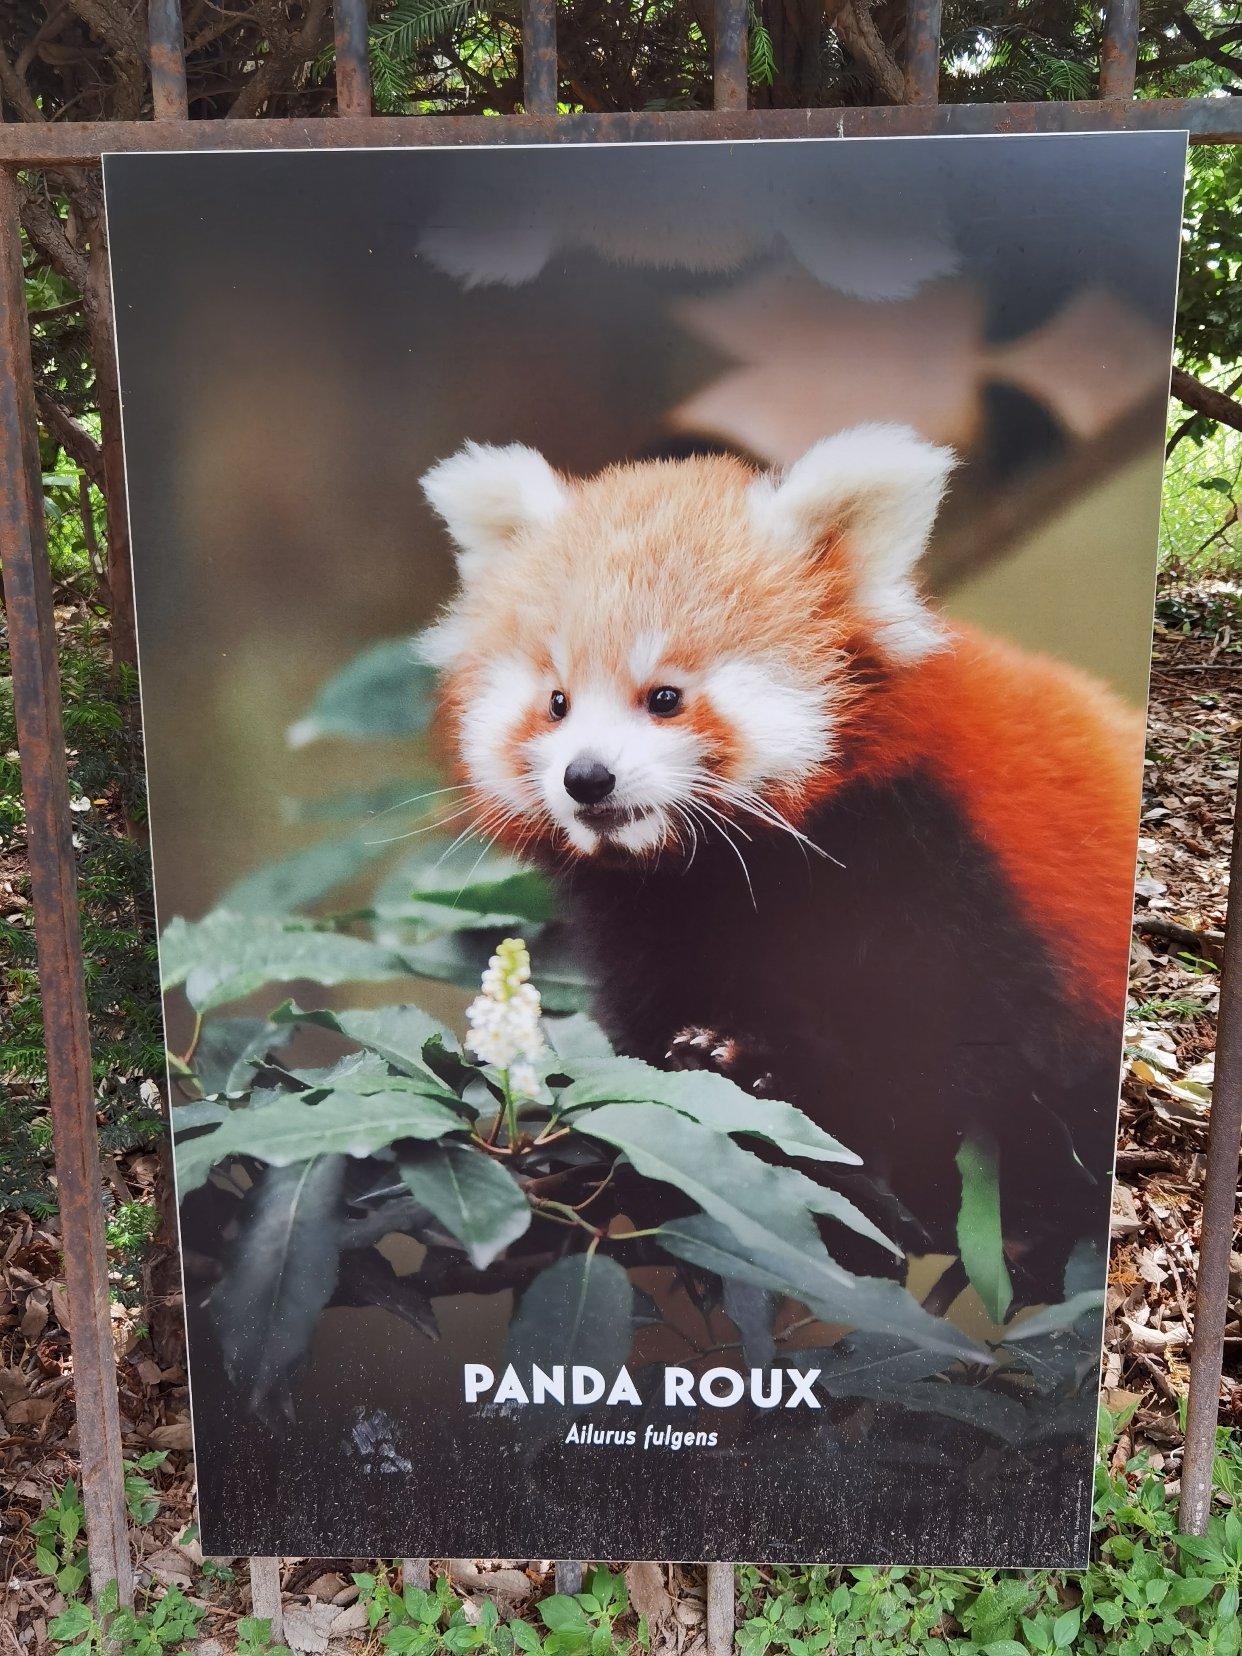 找到巴黎有这个小熊猫的公园啦!